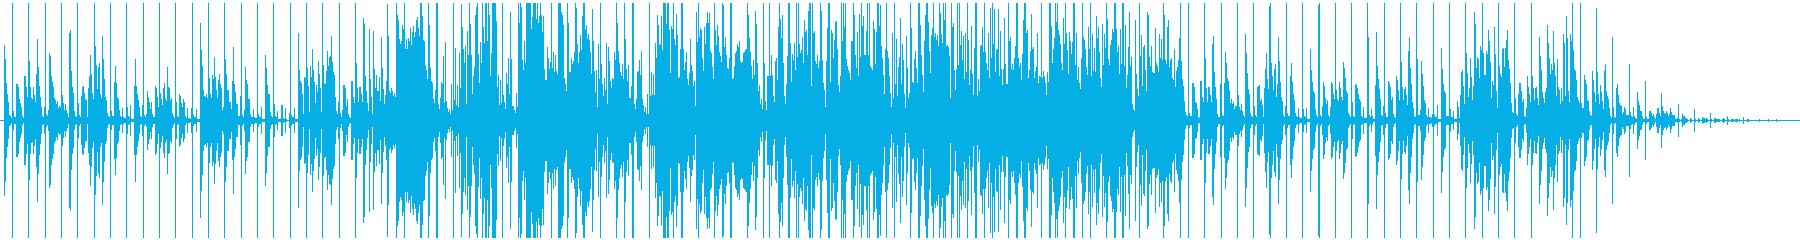 サラサラ ジャズ ドラマチック お...の再生済みの波形